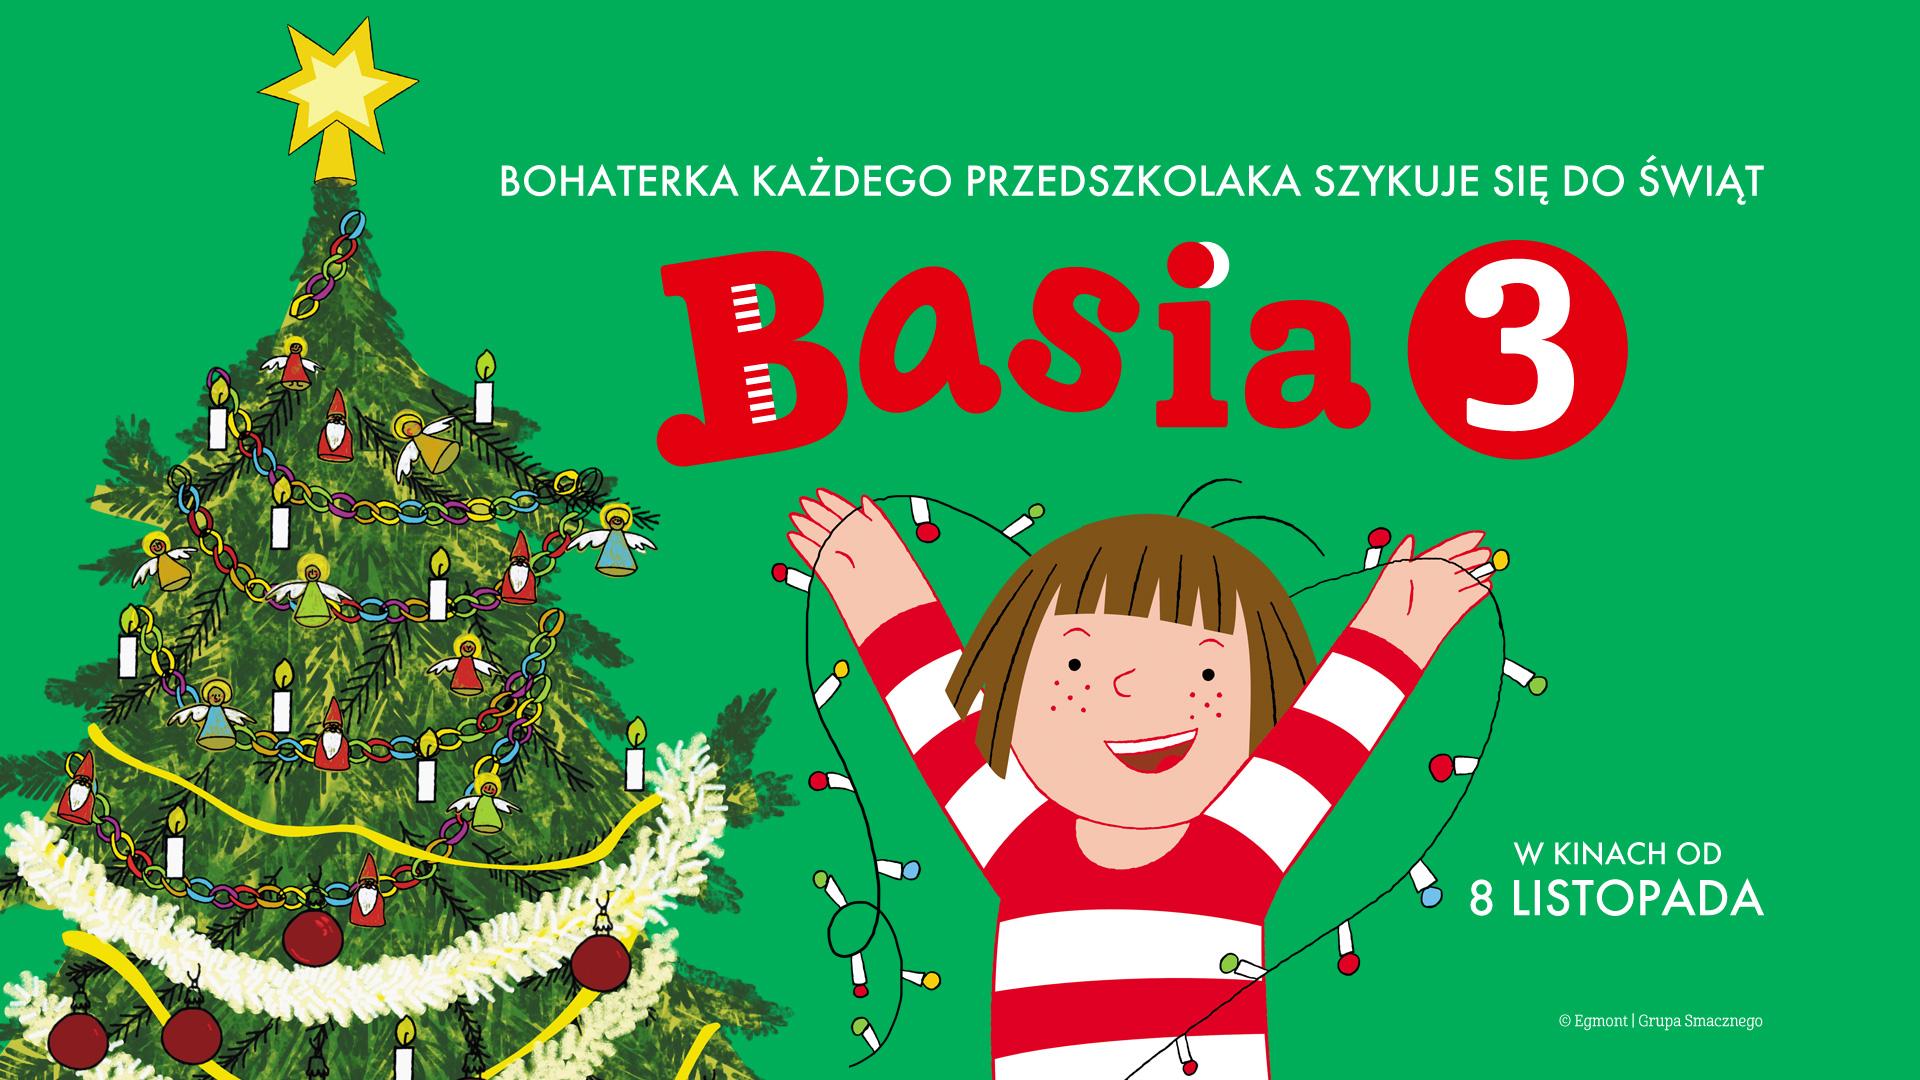 kino dla dzieci, Basia